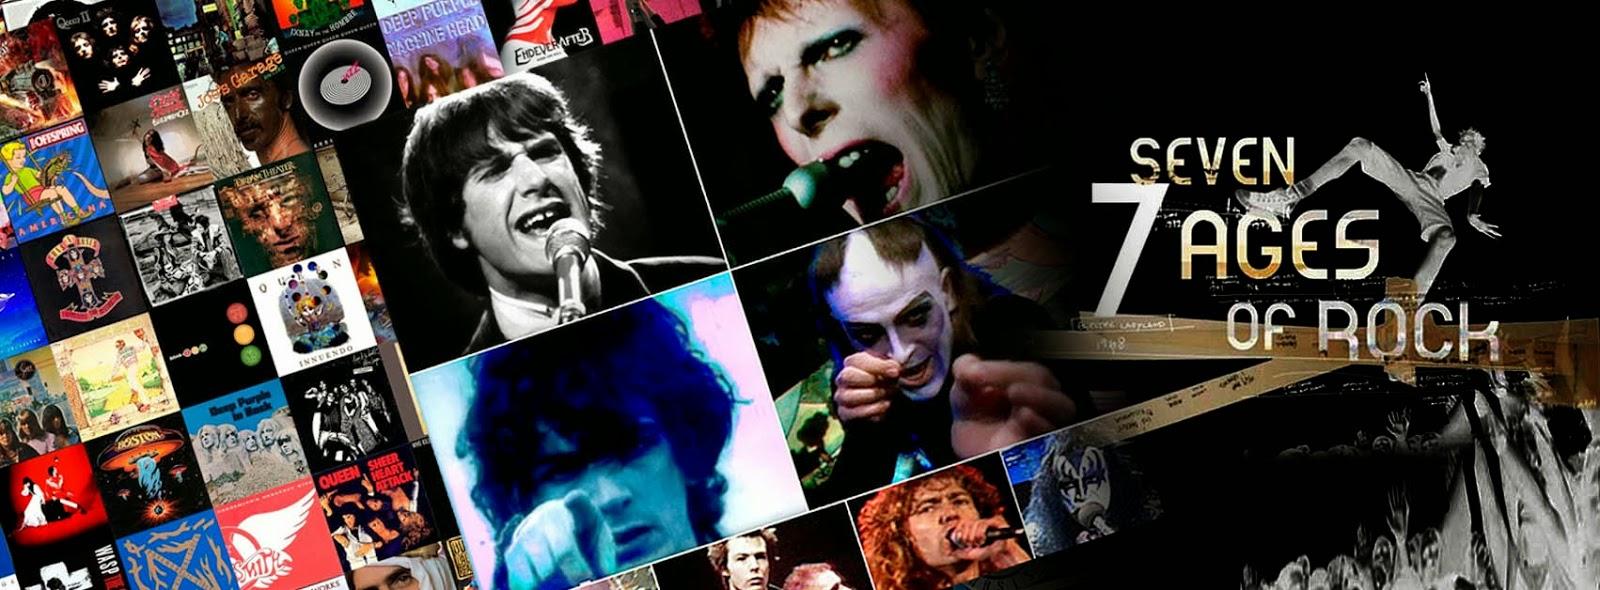 Las siete eras del rock cap tulo 2 art rock documental for Espectaculo historia del rock